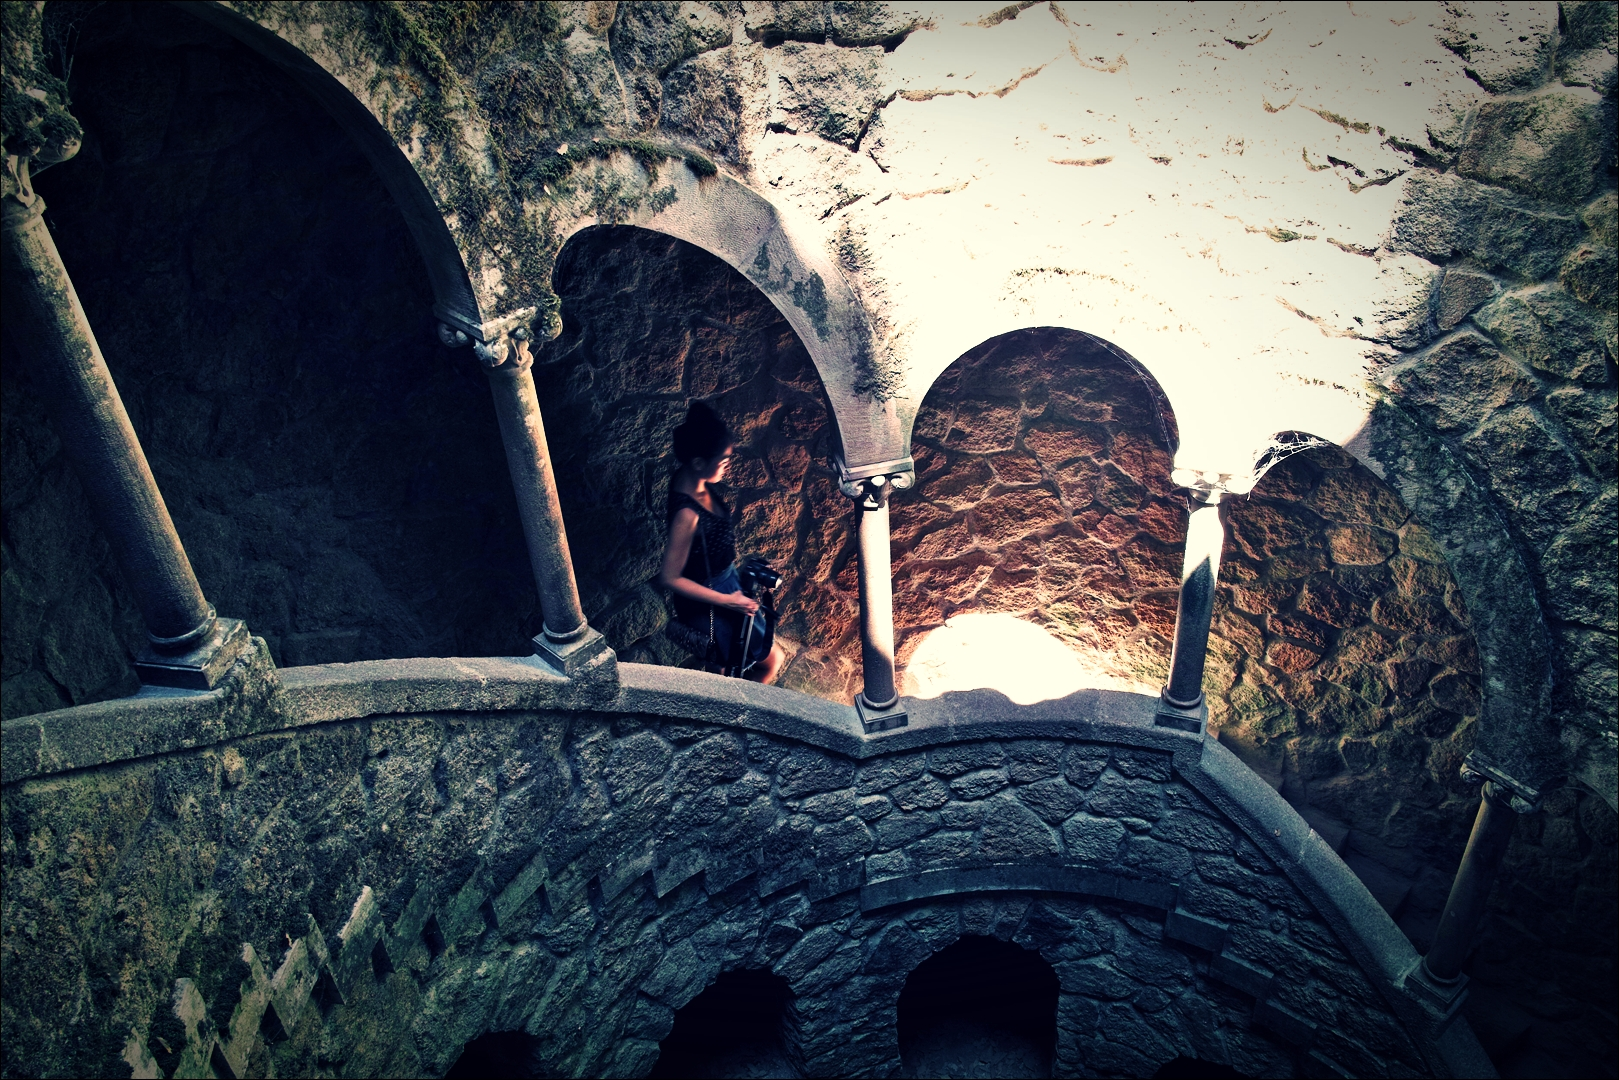 지하로 내려가는 길-'헤갈레이라 별장(Quinta da regaleira)'